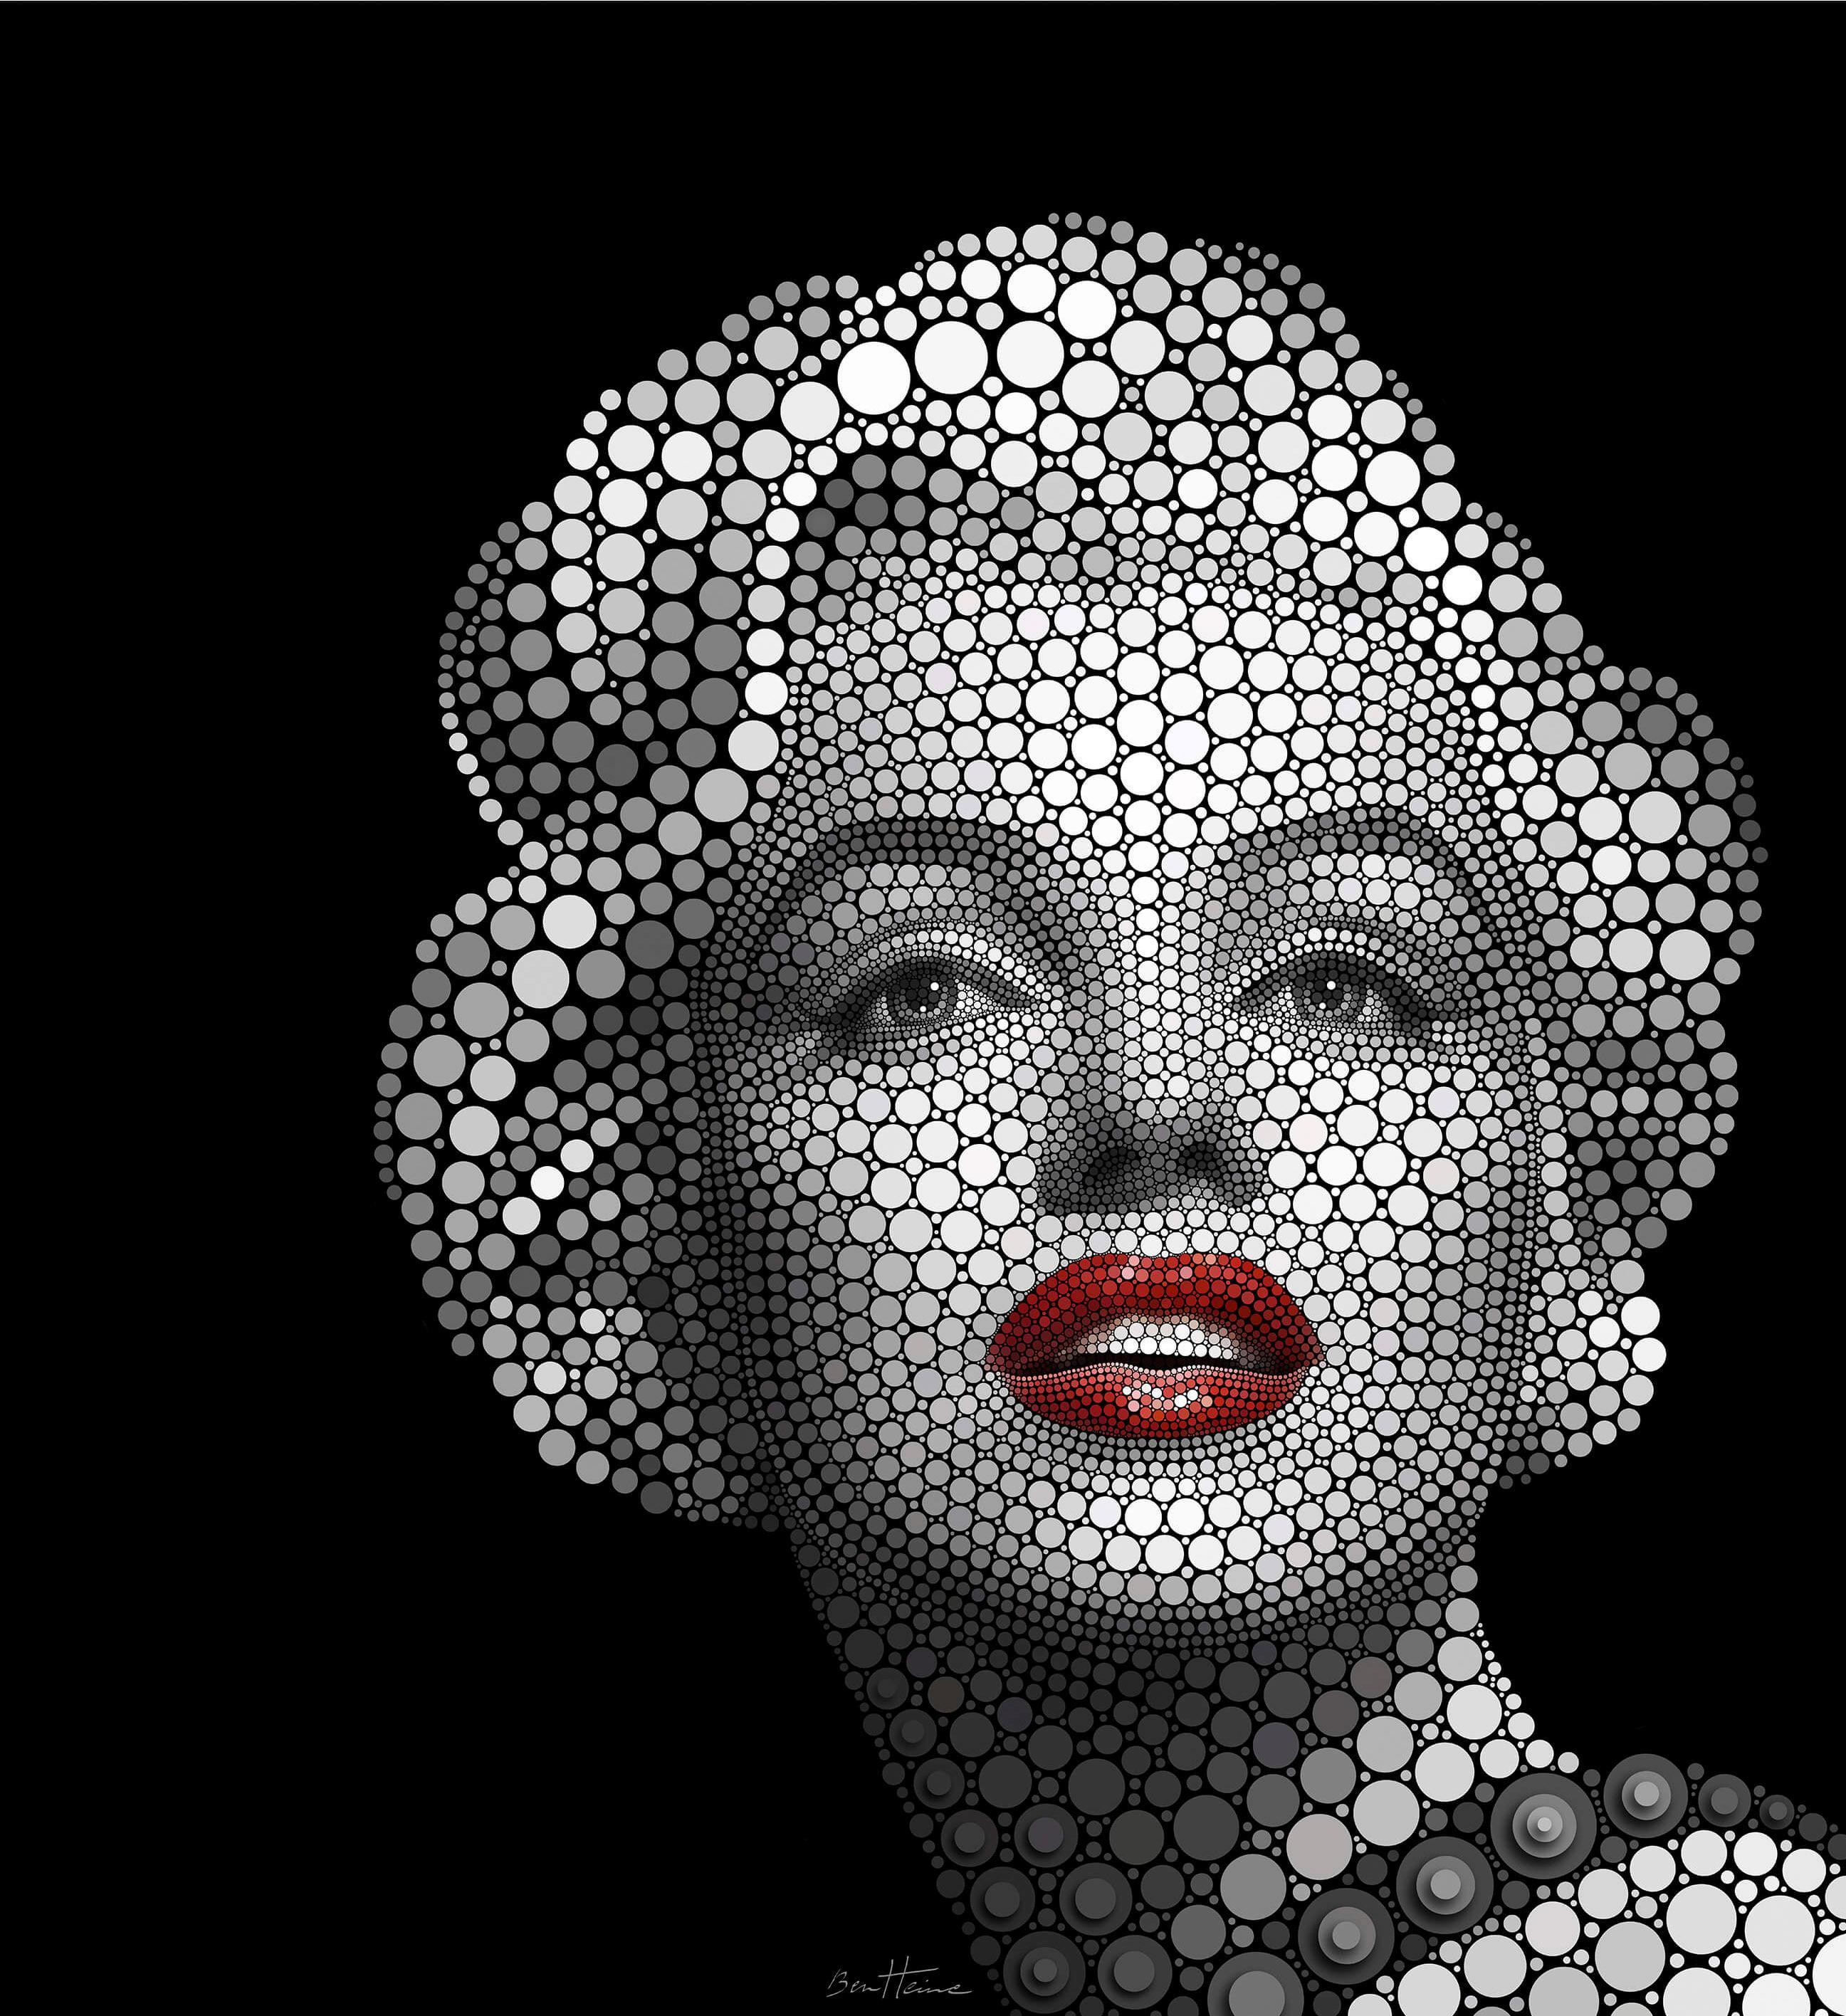 Fototapete Ben Heine Circlism: Marilyn Monroe in 2 Größen Wohnen/Accessoires & Leuchten/Wohnaccessoires/Tapeten und Bordüren/Fototapeten/Fototapeten Kunst